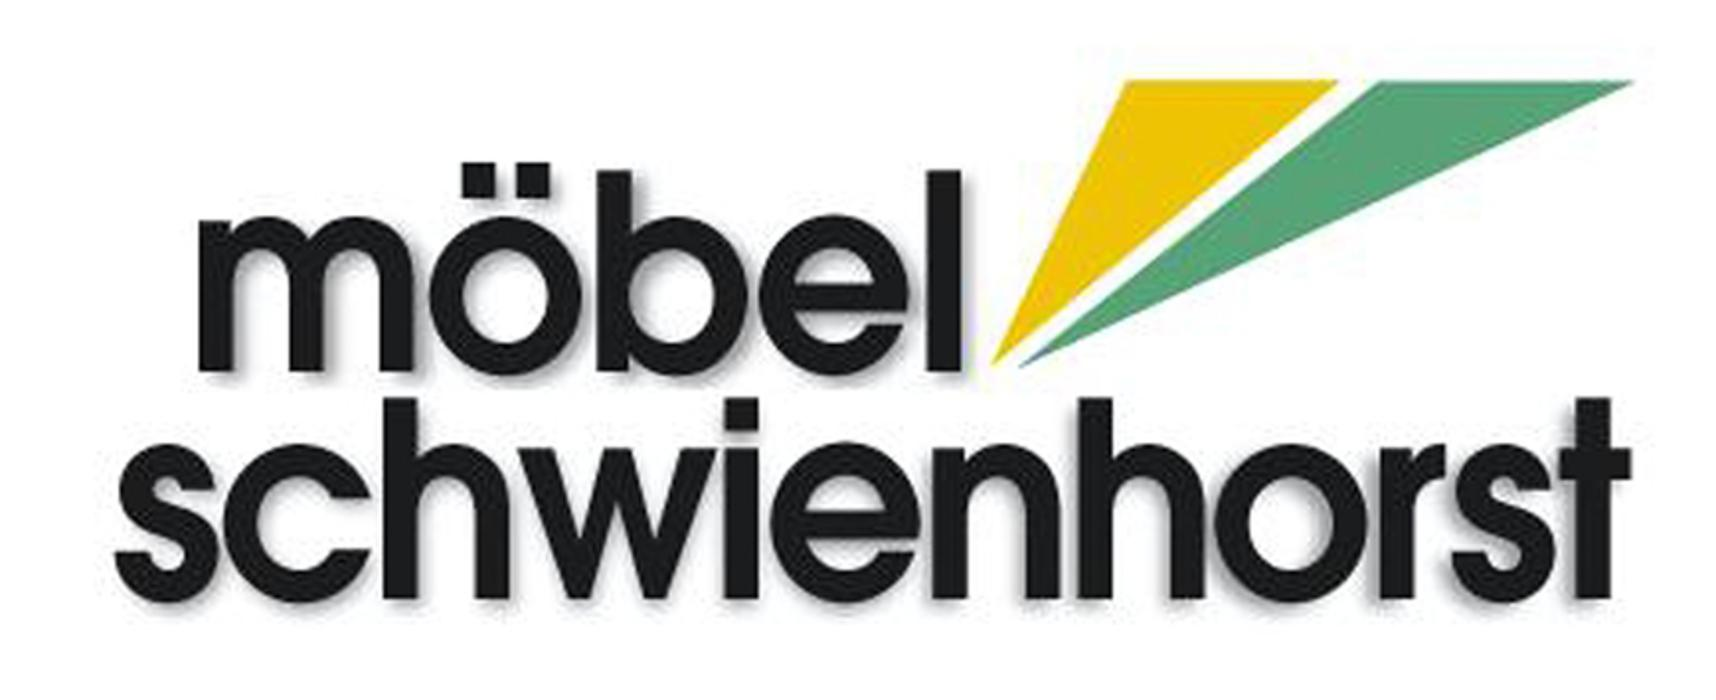 Möbel Schwienhorst GmbH & Co. KG - Münster (48153) - YellowMap